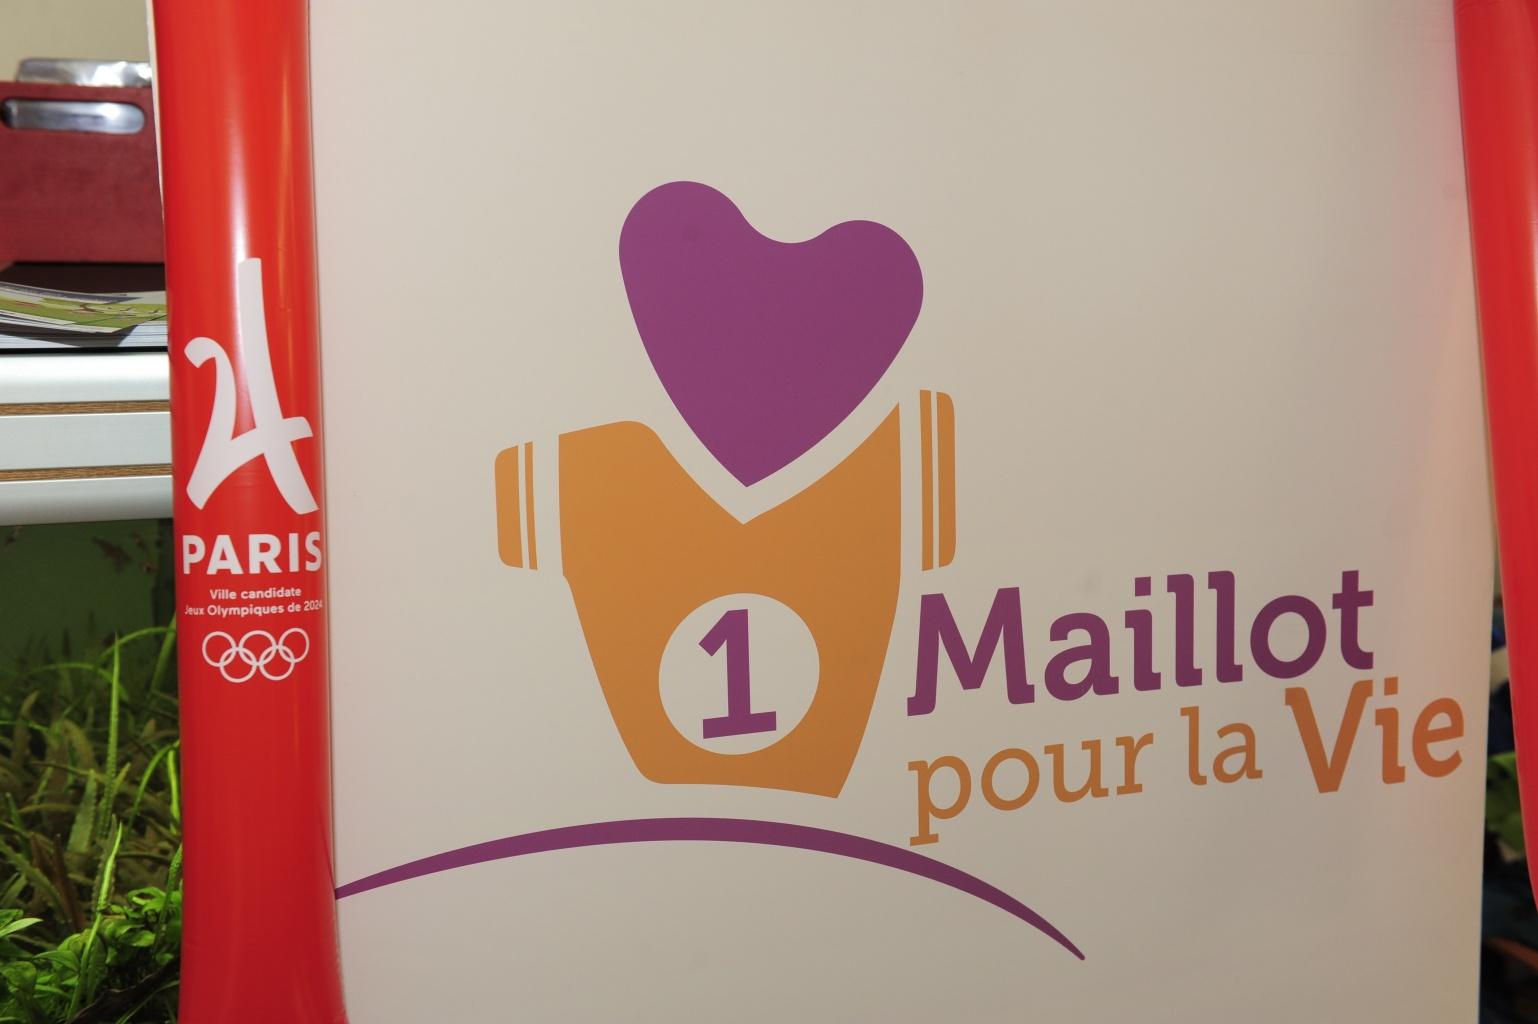 UN MAILLOT POUR LA VIE ! Visite à l'hopital Paris R. Debré (Un maillot pour la vie)